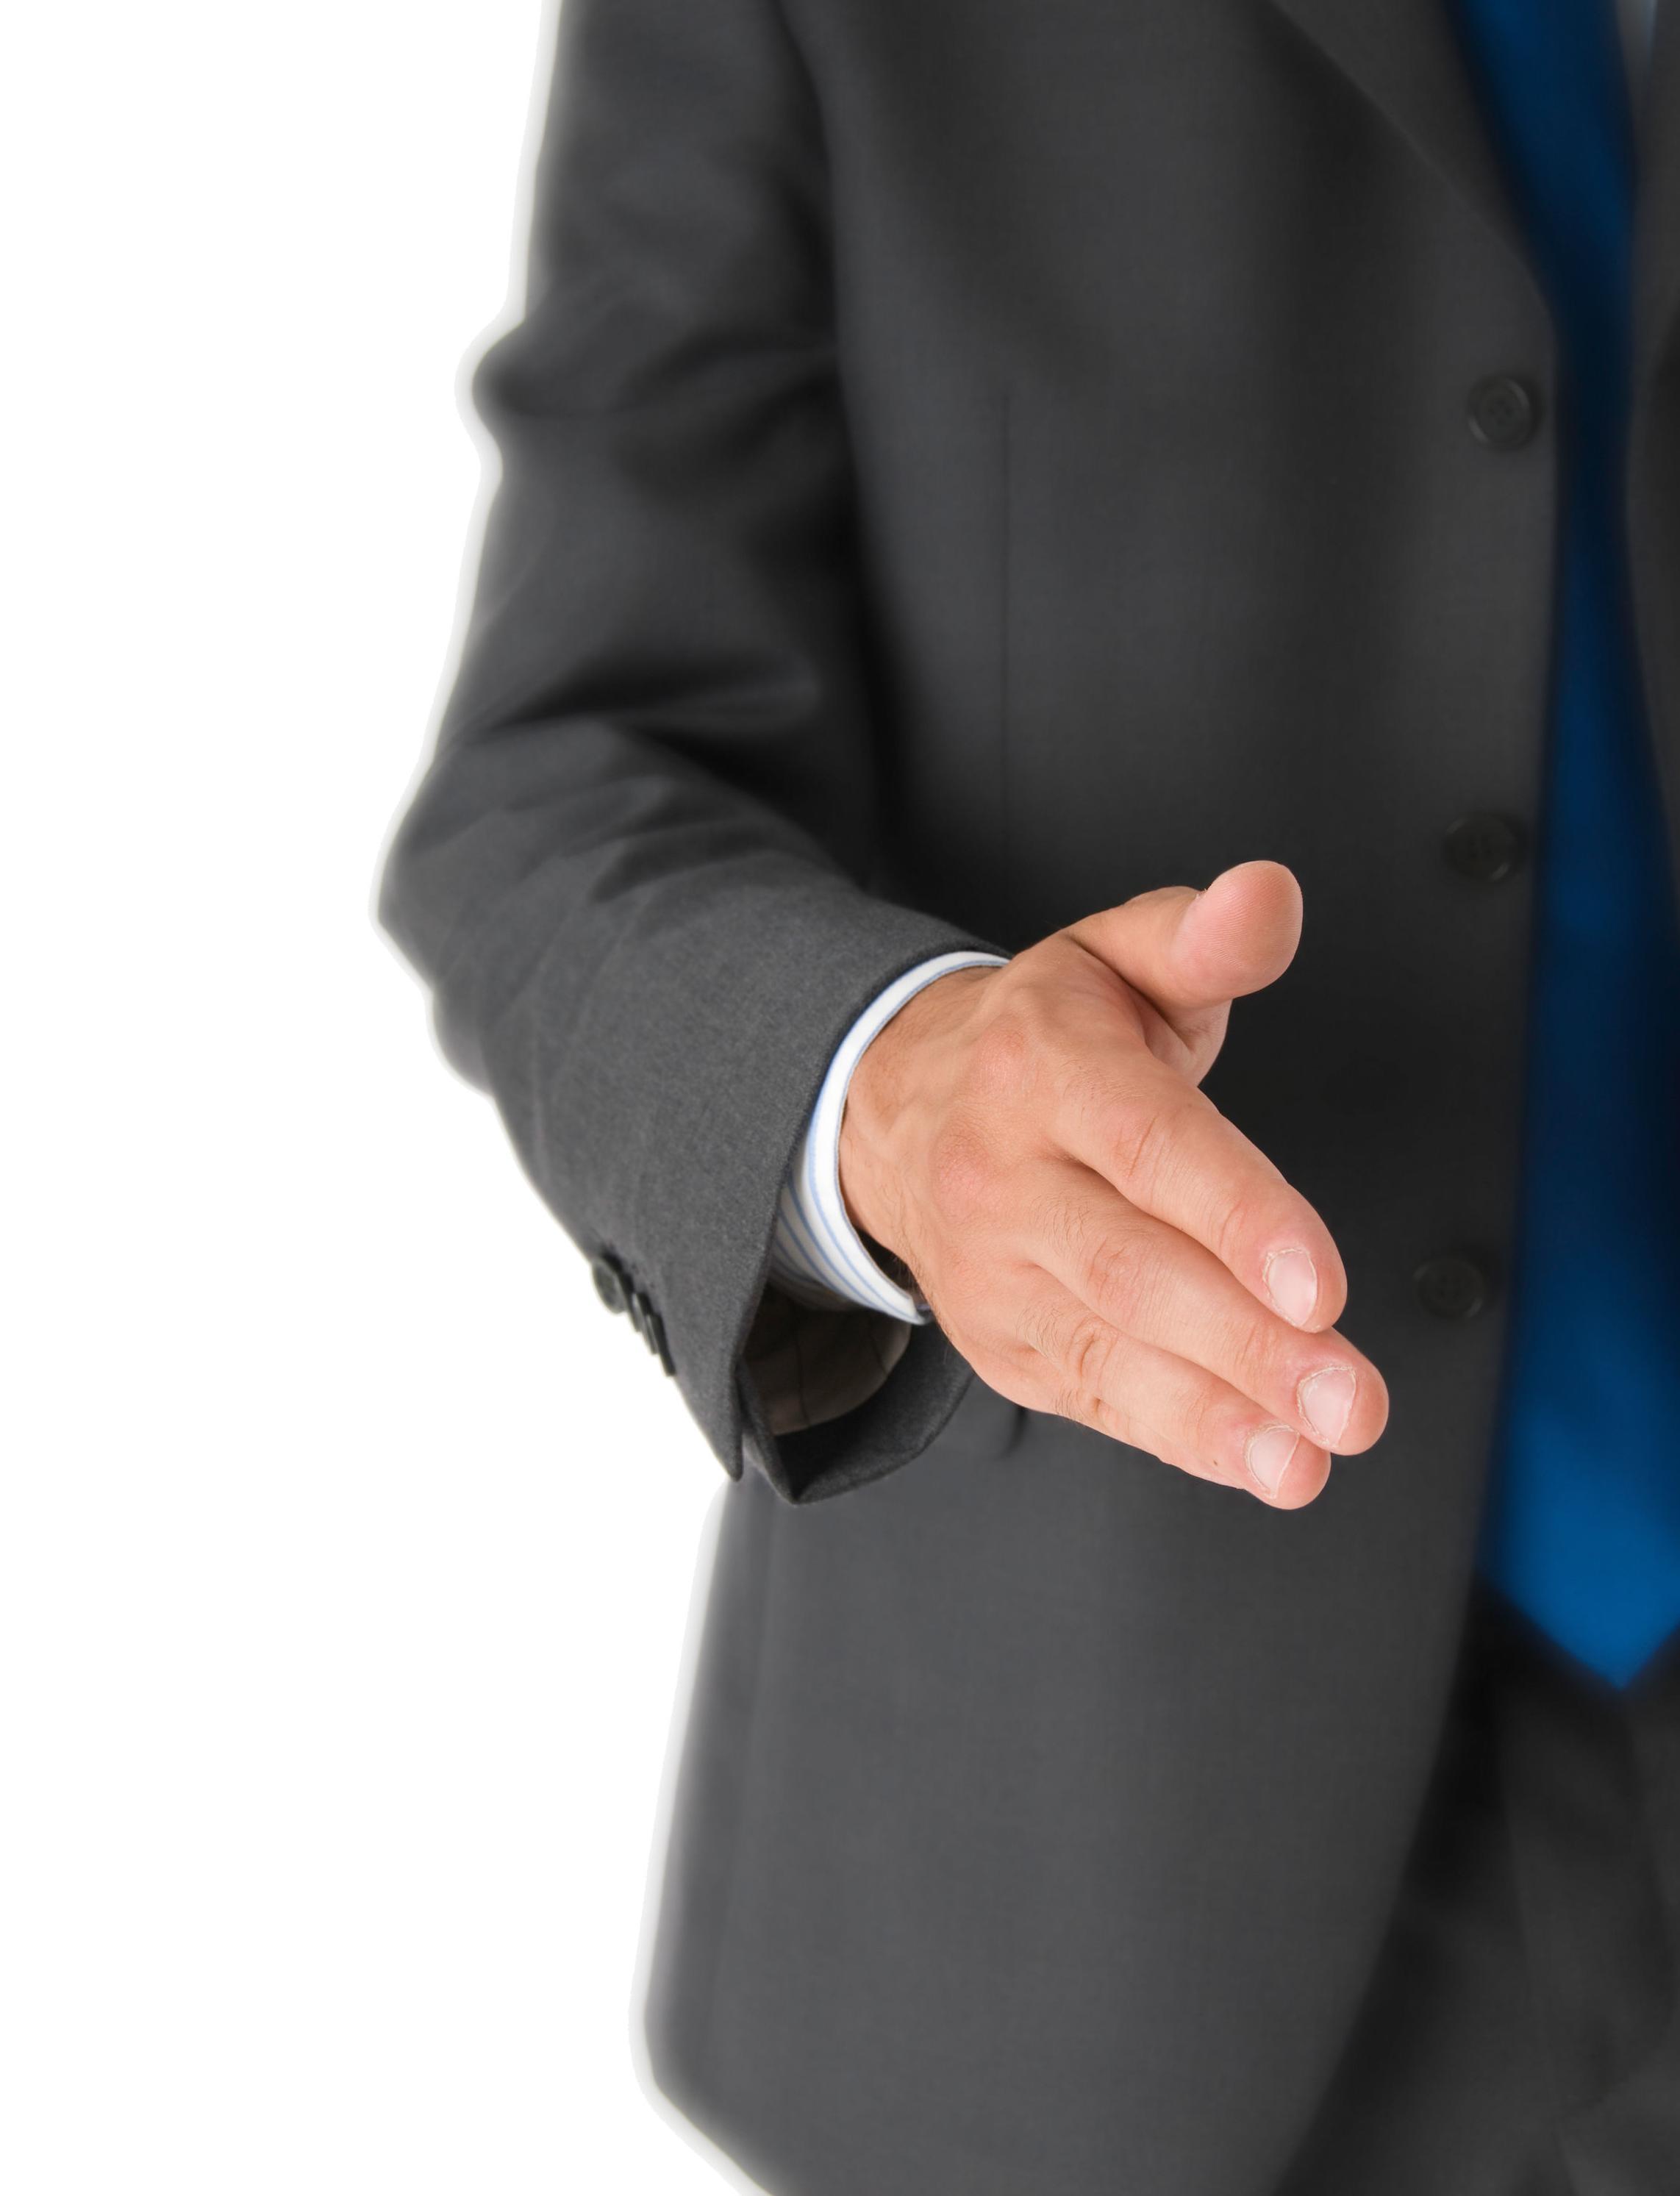 Trayus Asesoría, derecho laboral en Albacete